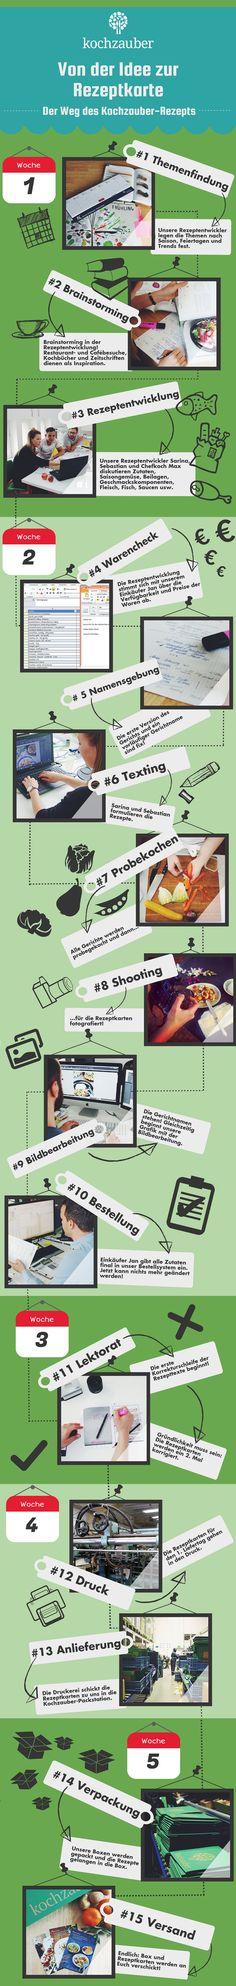 Von der Idee zur Rezeptkarte Der Weg des Kochzauber-Rezeptes (Infografik)